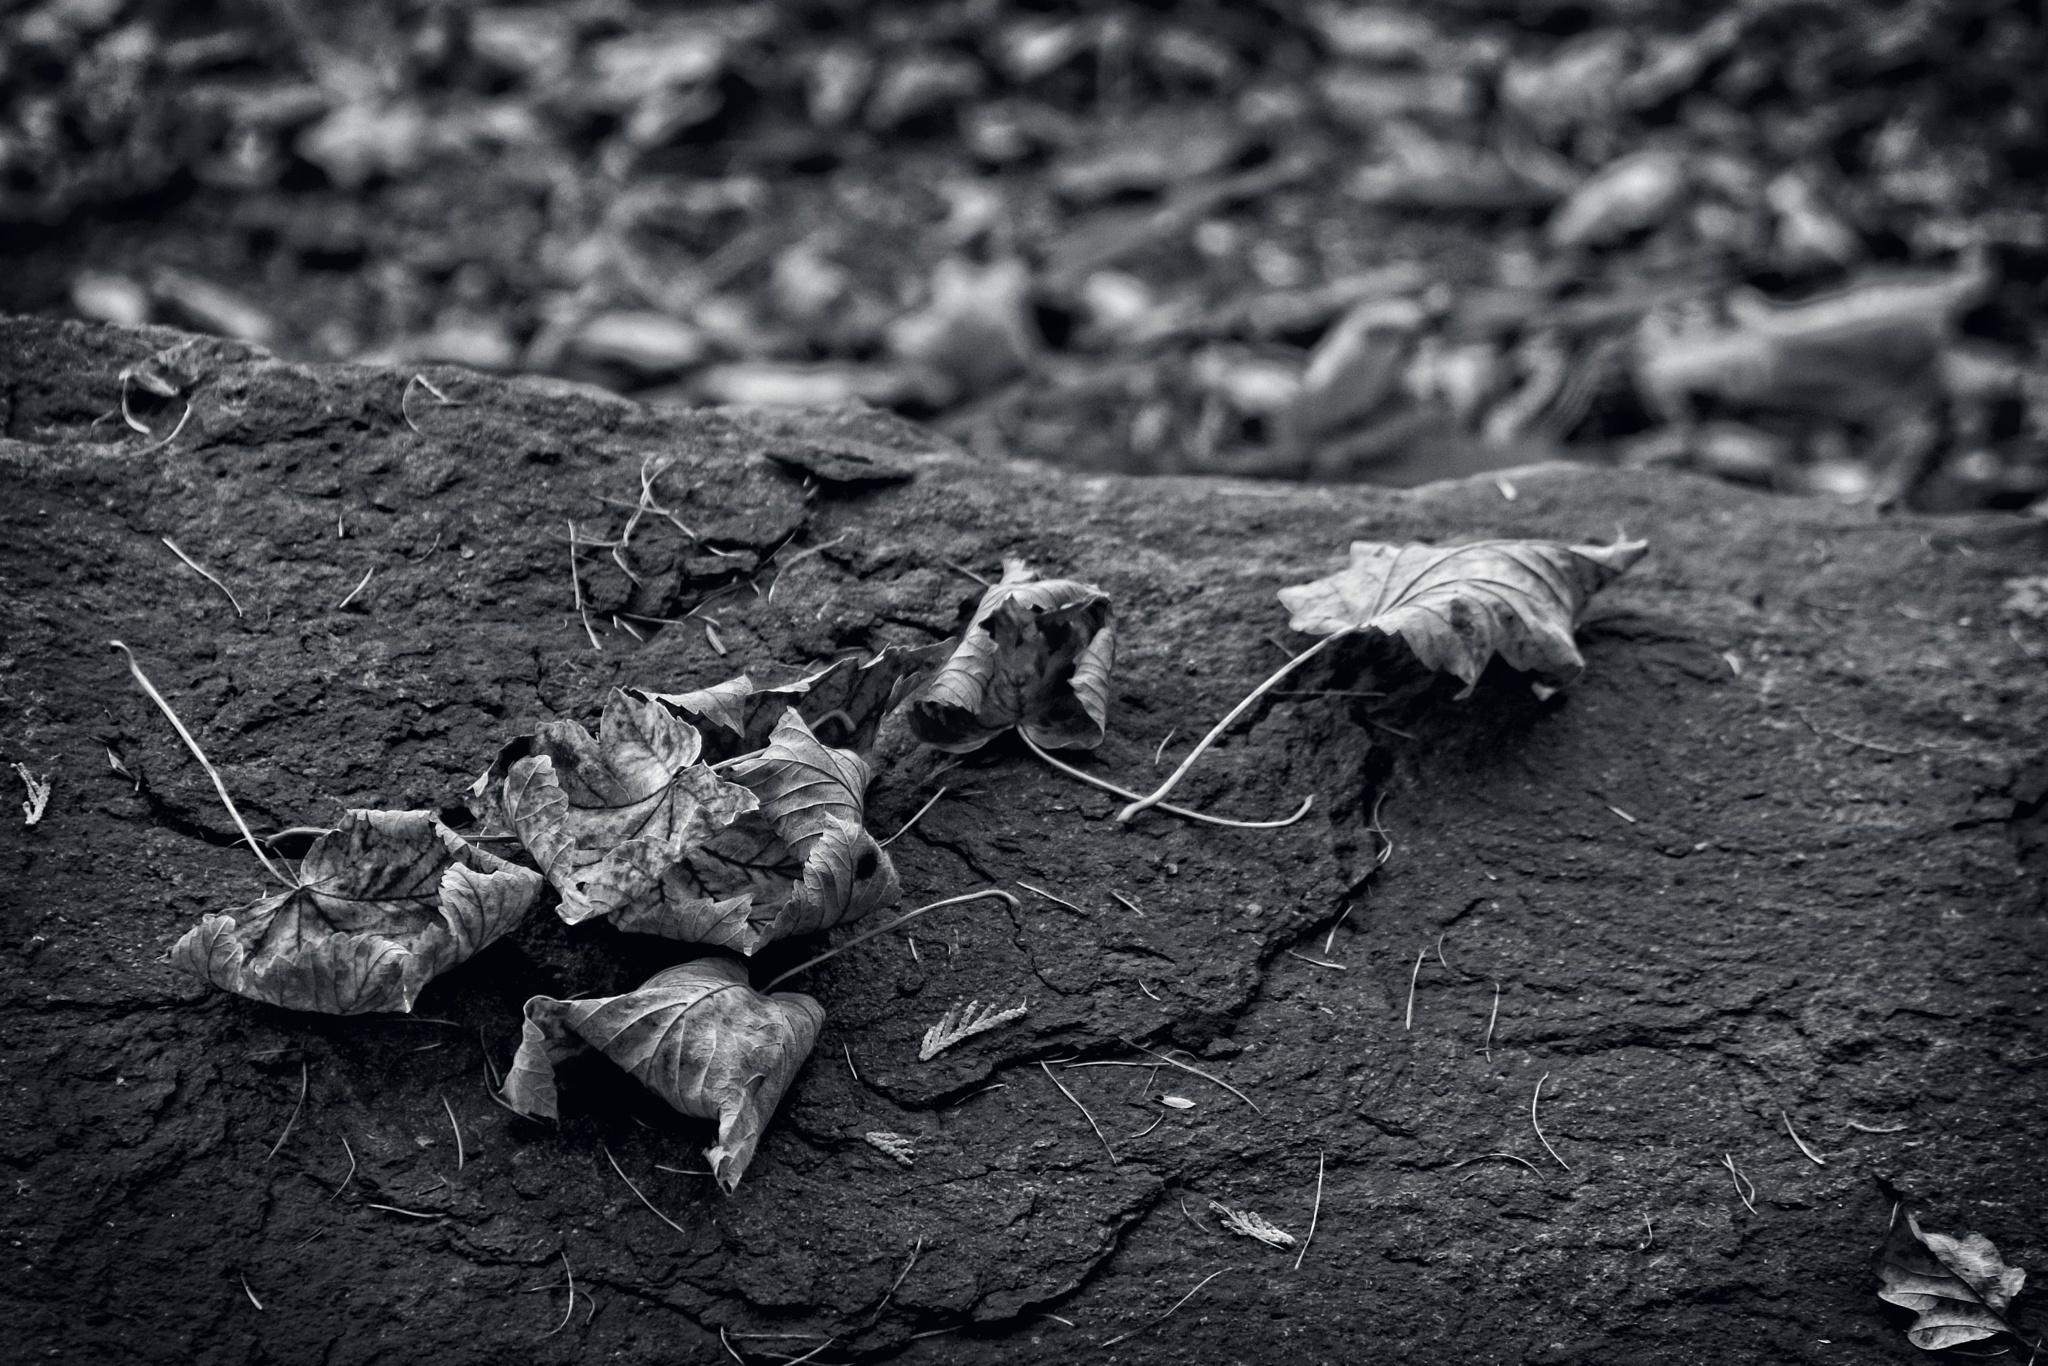 Fallen Leaves in Black & White by Gra'M